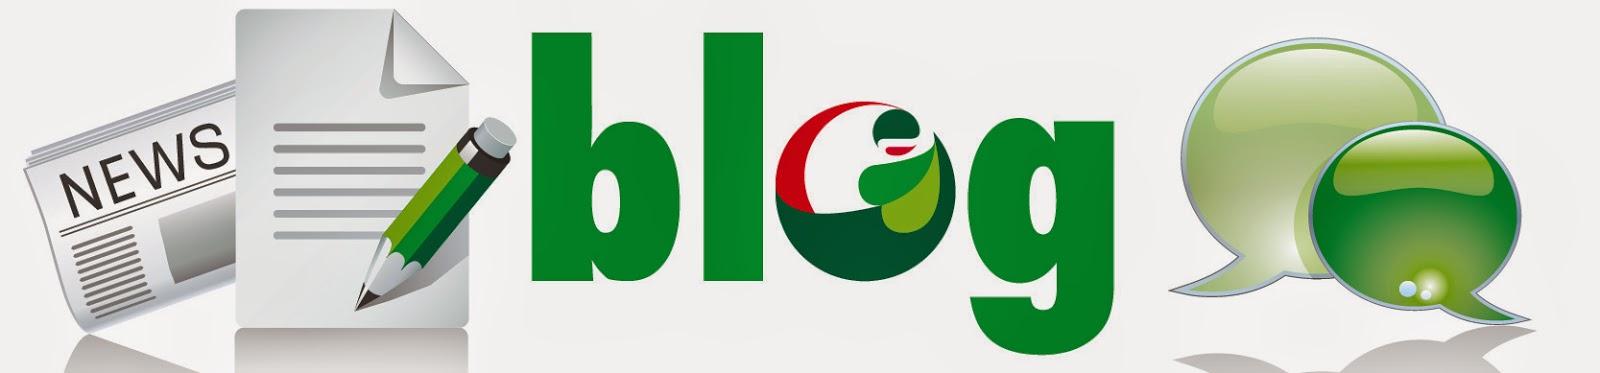 dove-realizzare-blog-gratuito